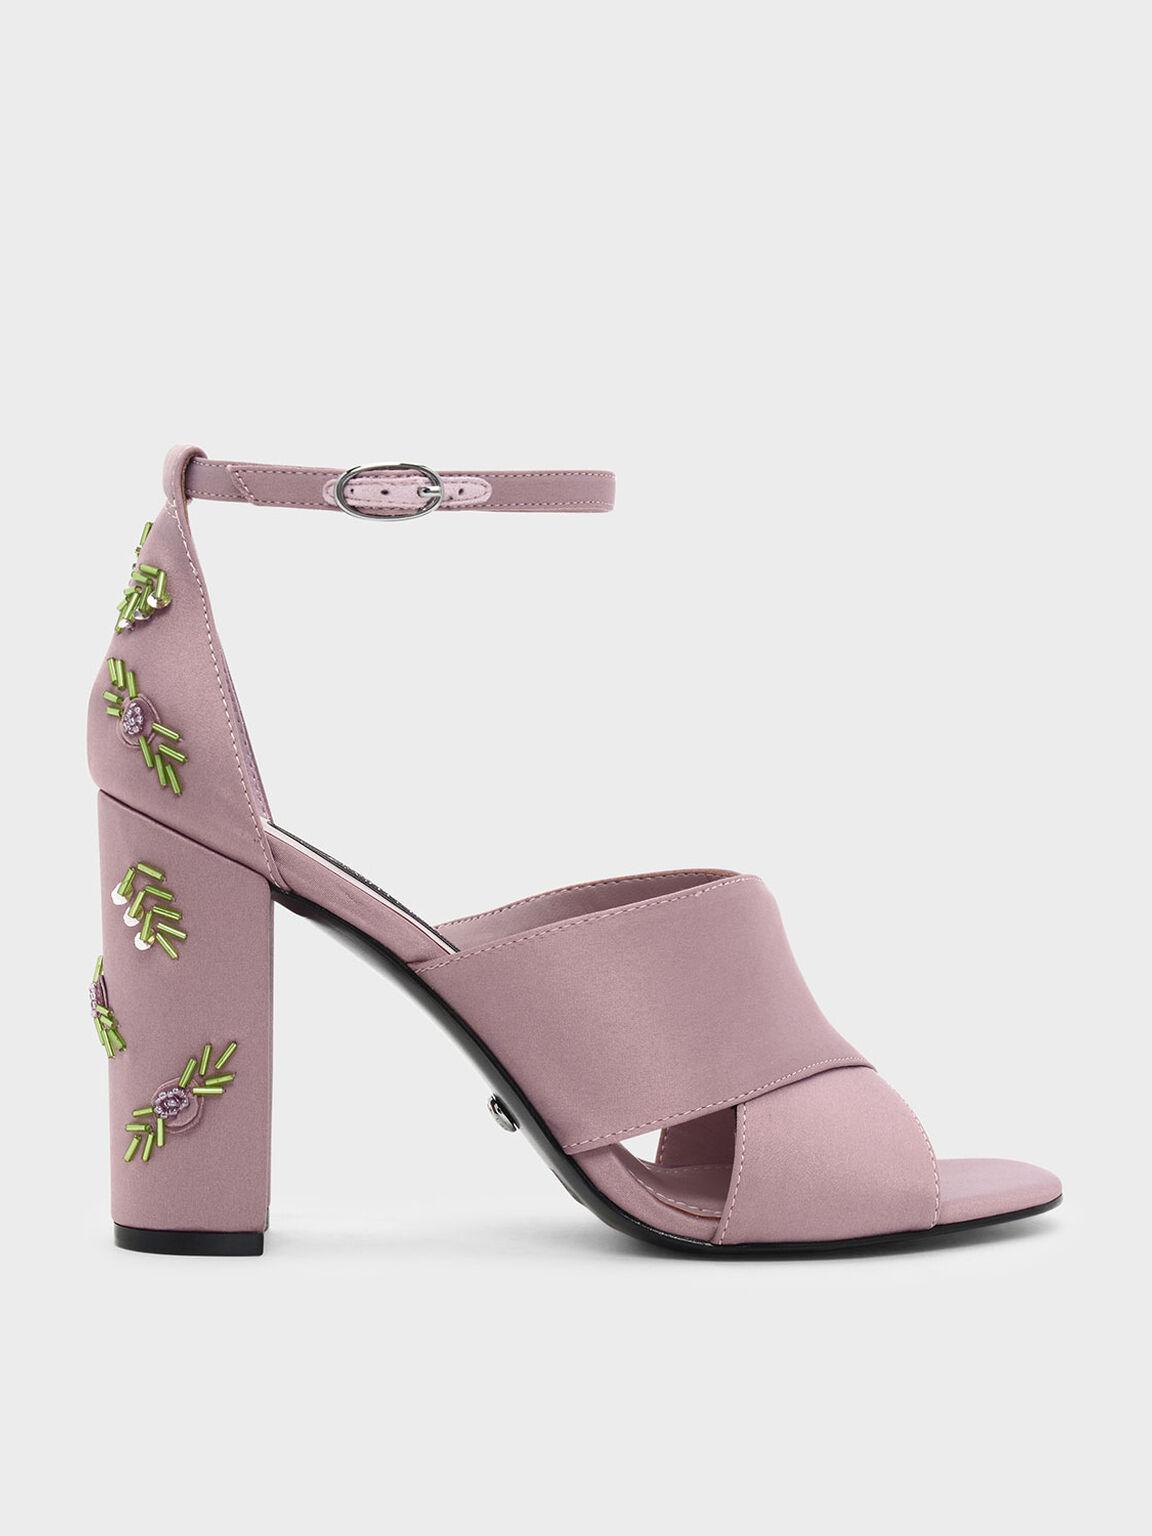 Embellished Block Heel Satin Sandals, Pink, hi-res